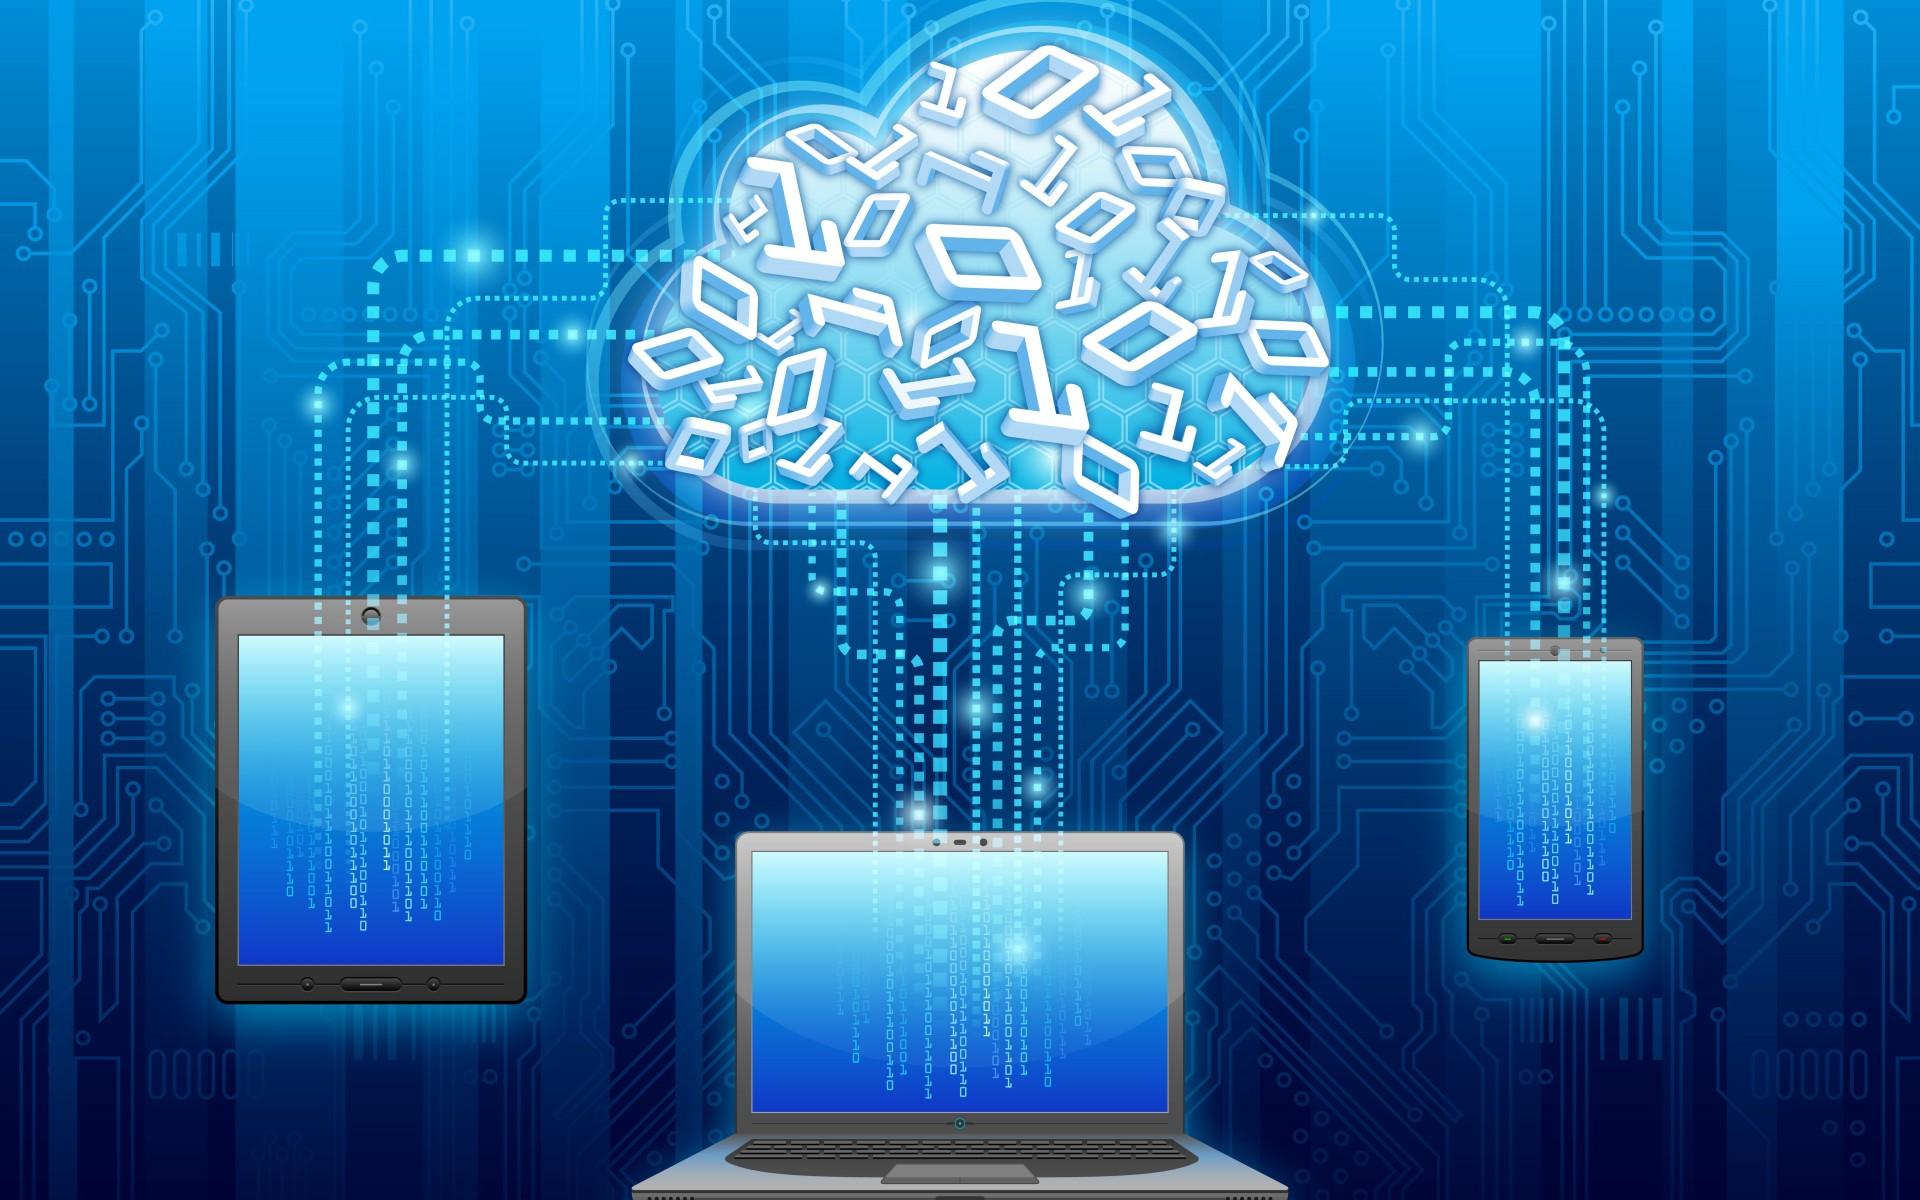 تحضير الوزارة درس التدريب الرابع عشر تطبيق مدرستيمادة الحاسب الالي 2 نظام المقررات 1441